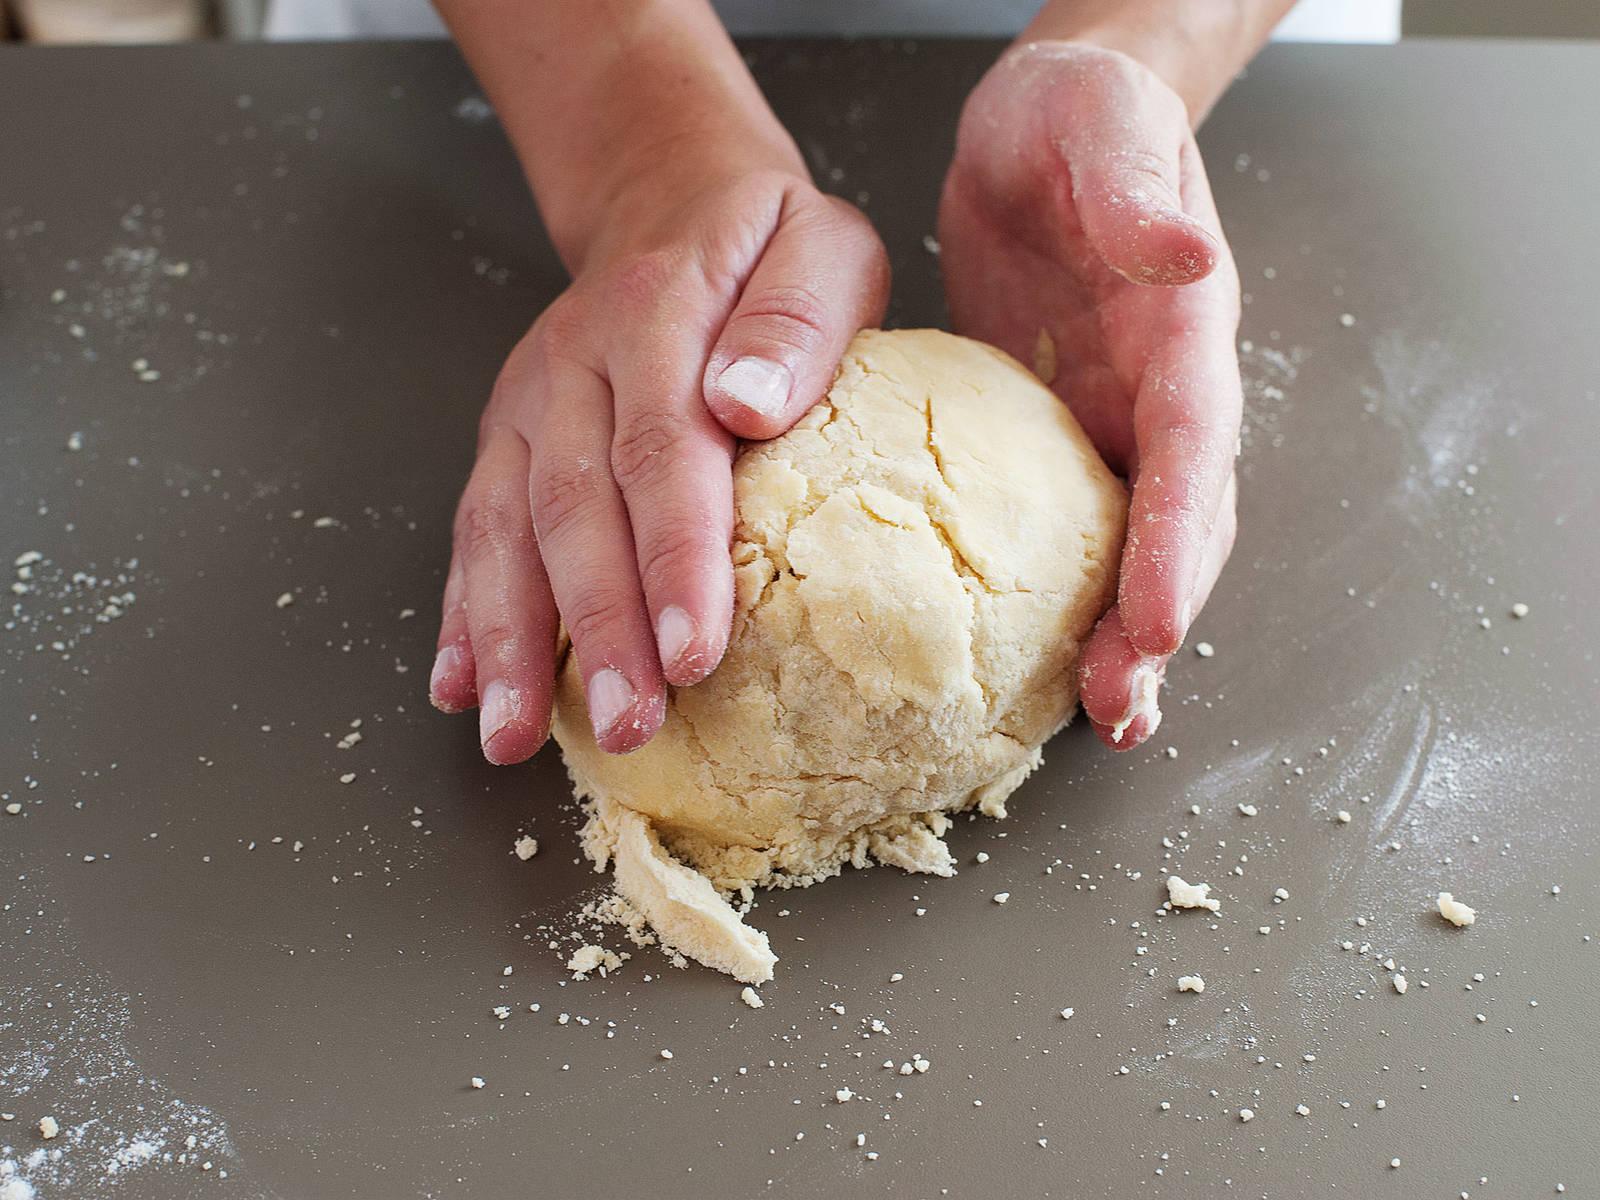 Arbeitsfläche leicht bemehlen und den Teig darauf zu einer Kugel formen. Teig halbieren und jede Hälfte zu einer Scheibe formen. In Frischhaltefolie einwickeln und ca. 1 Stunde in den Kühlschrank legen.